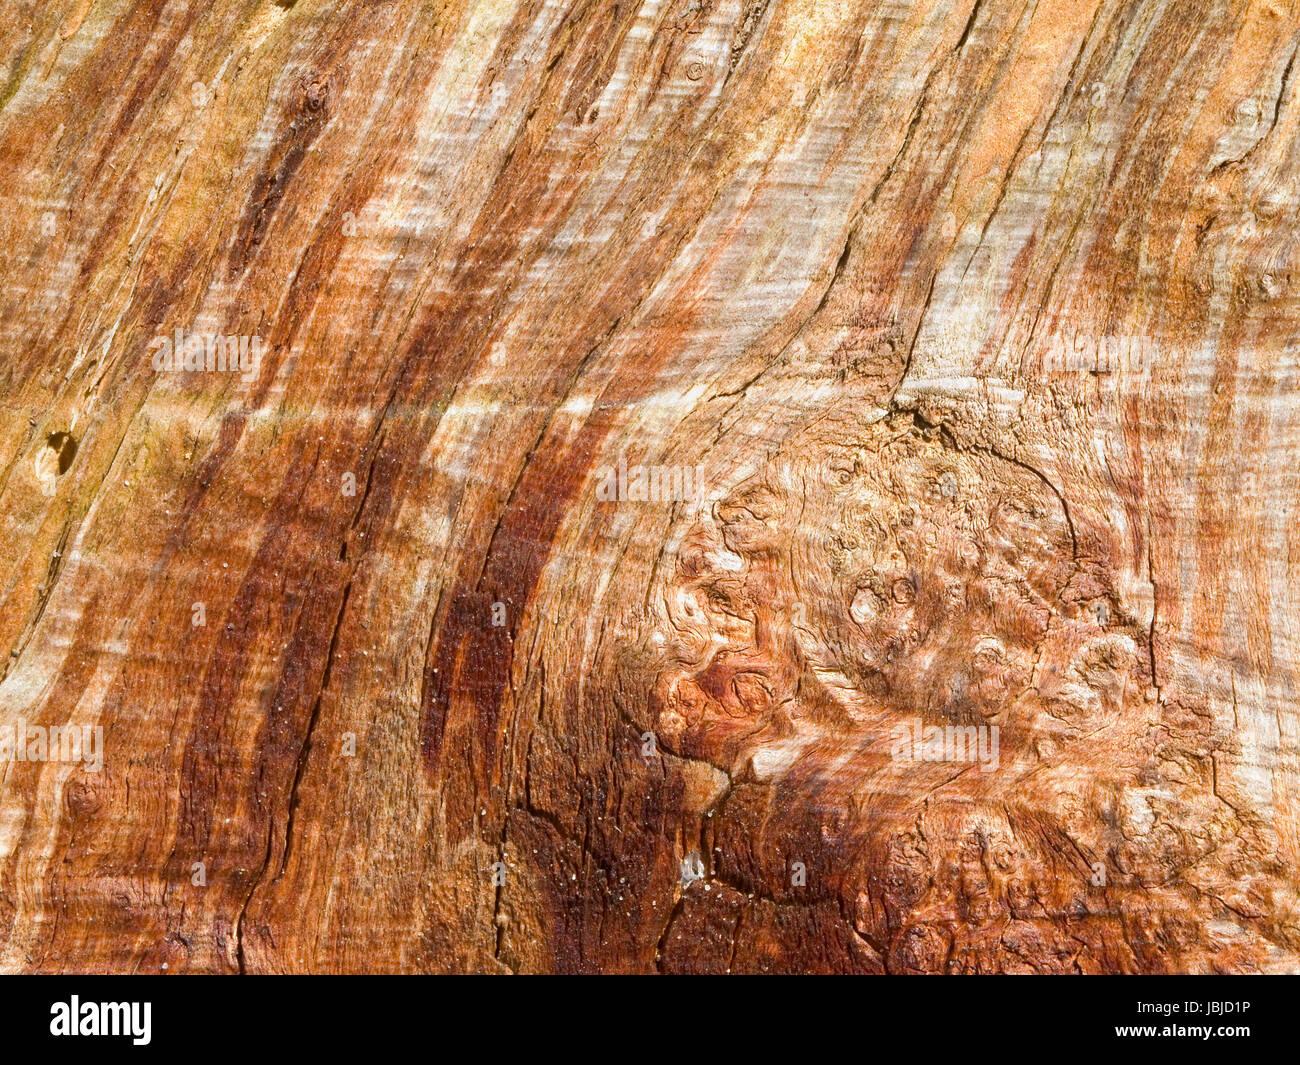 formatfüllende Seiten-Ansicht auf einen alten und rindenlosen Baumstupf - Stock Image